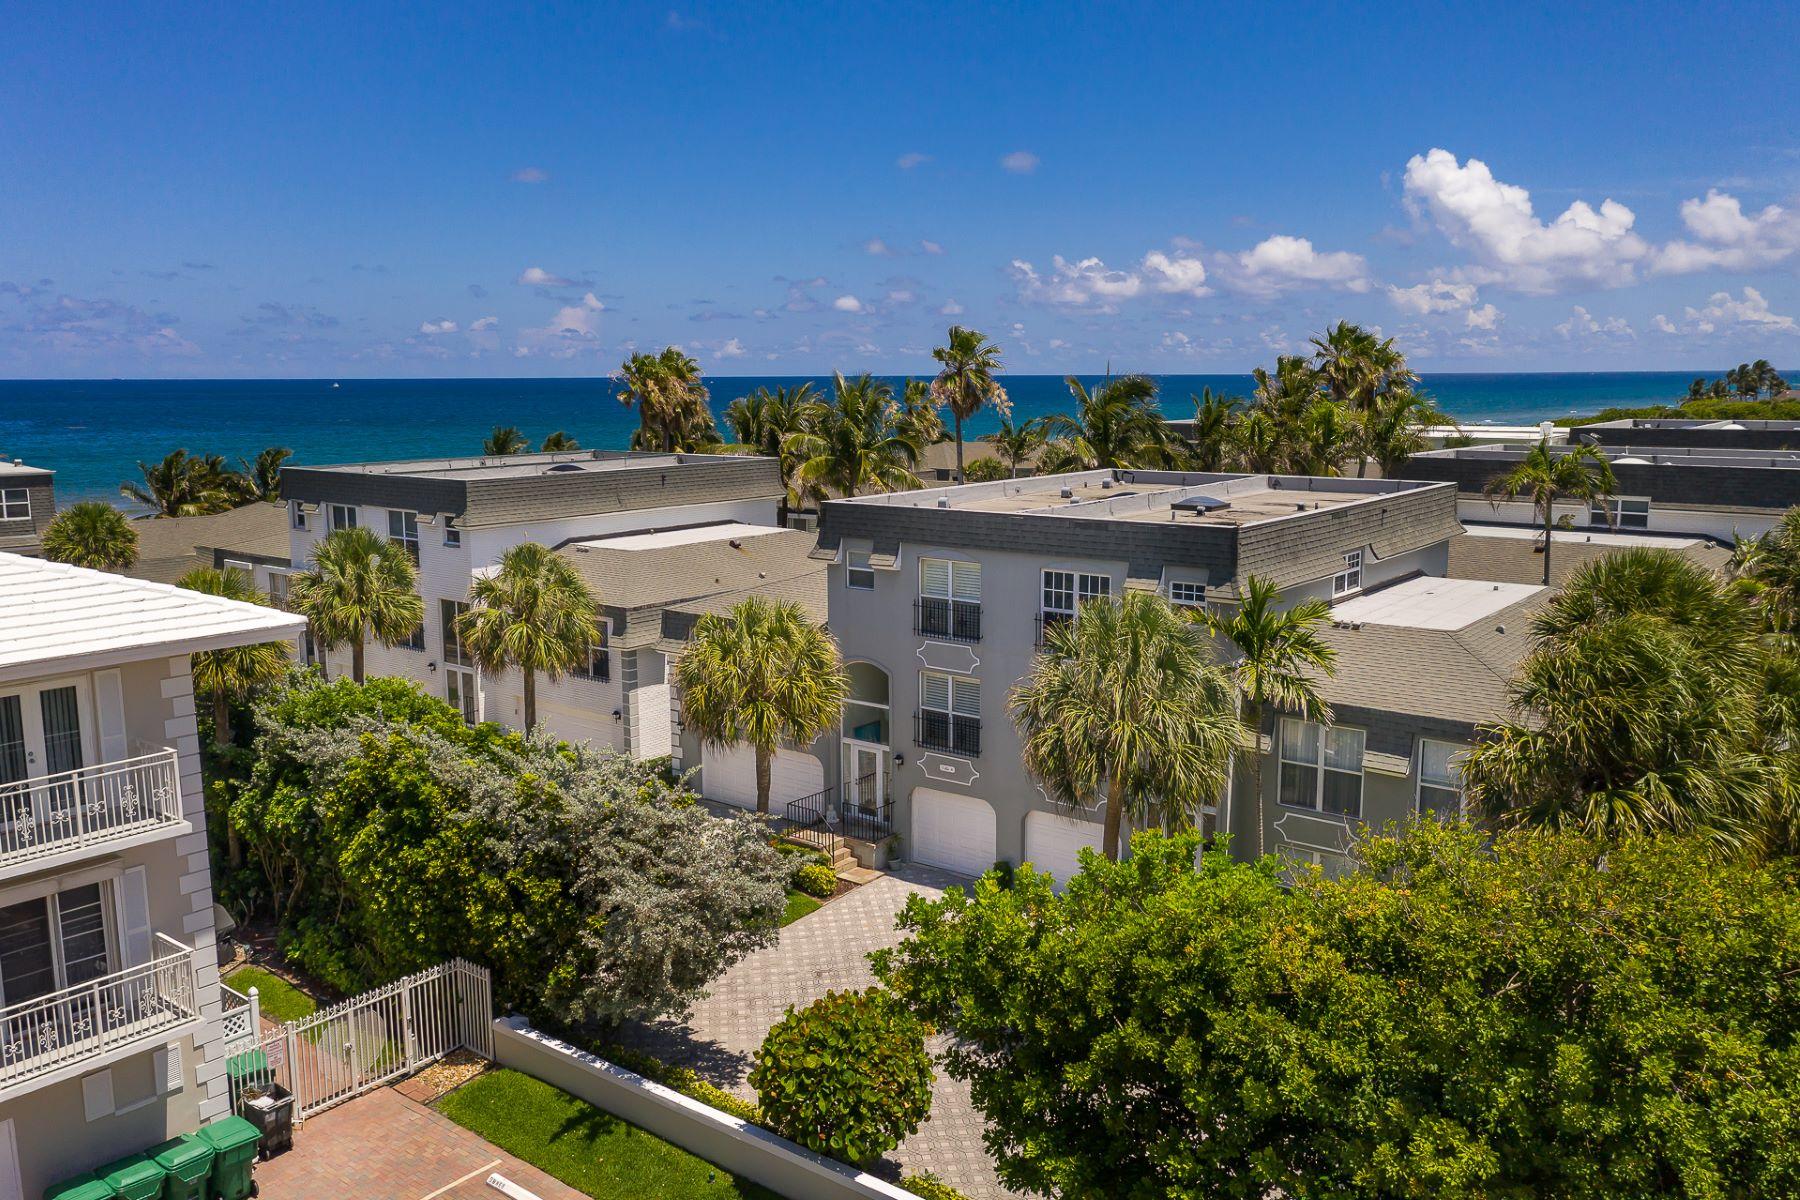 townhouses für Verkauf beim 1194 Hillsboro Mile 8, Hillsboro Beach, Florida 33062 Vereinigte Staaten